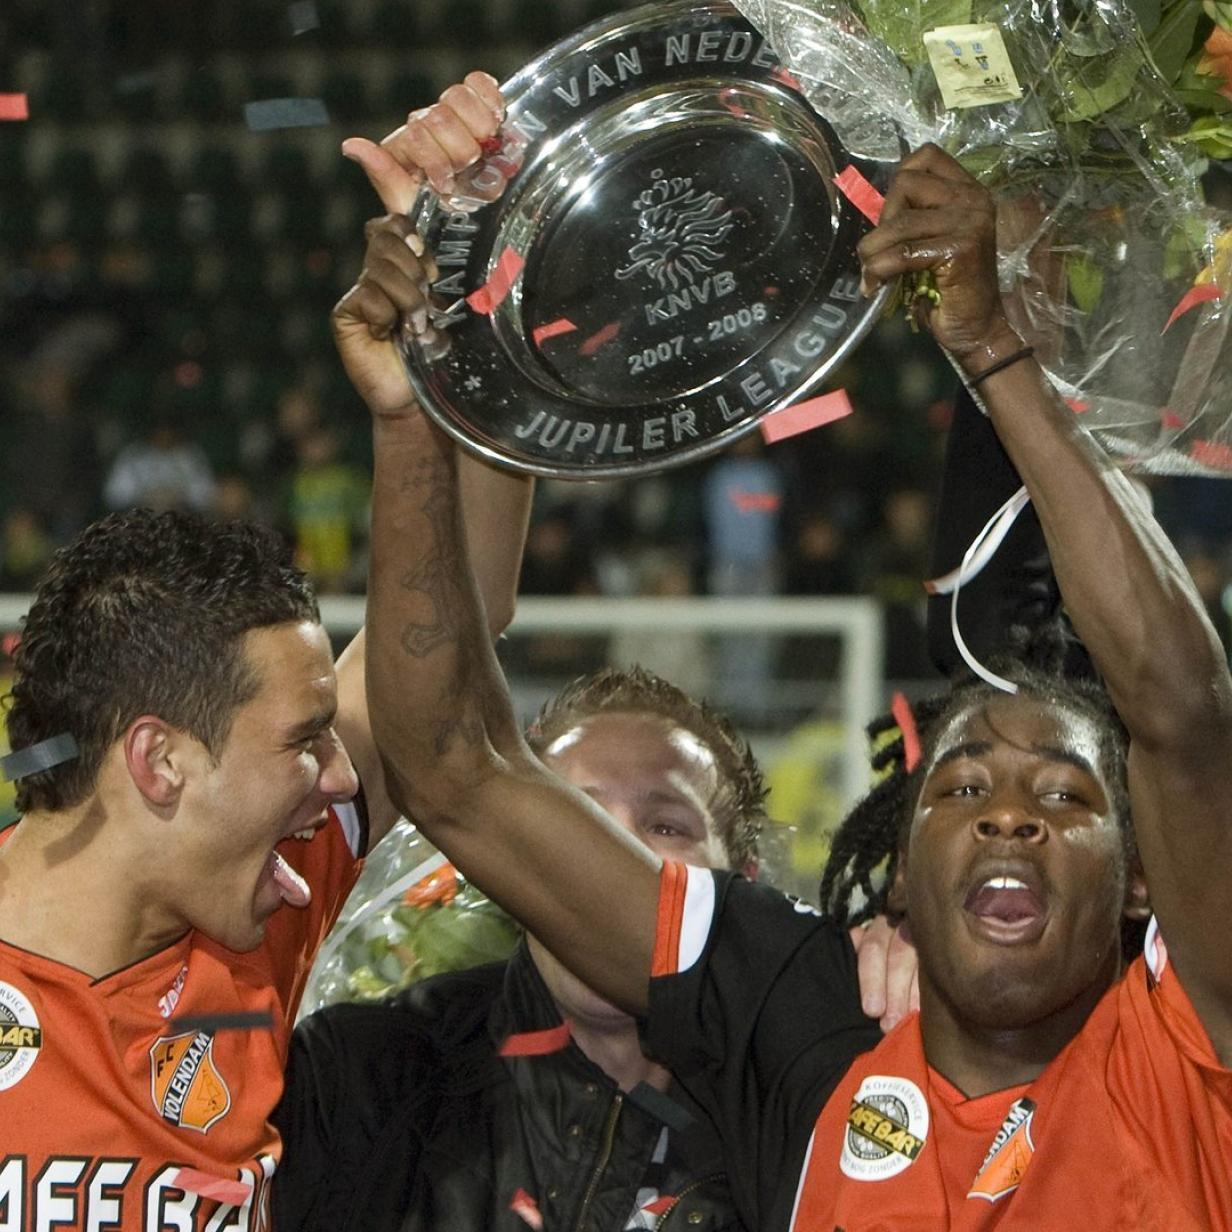 Niederländischer Ex-Kicker Maynard in Amsterdam ermordet